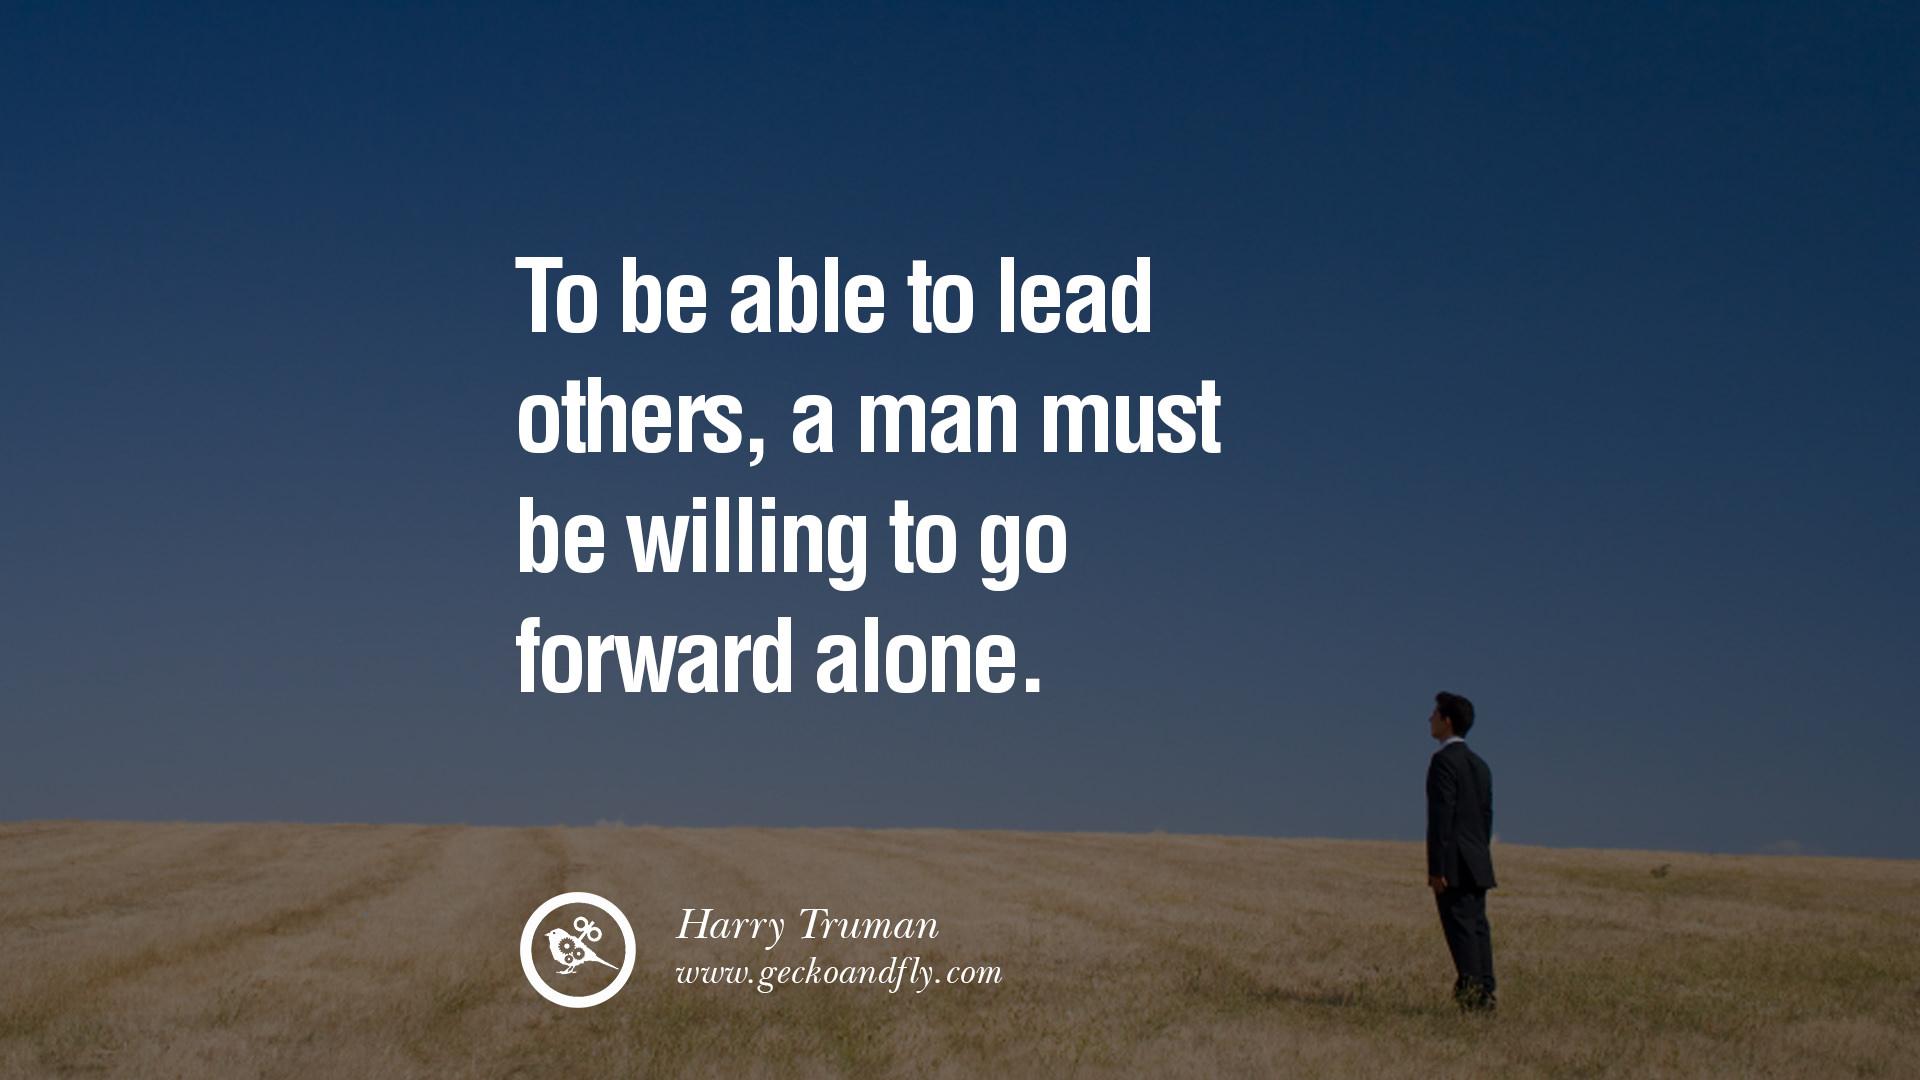 lyderystė ir vienatvė trumano citatoje